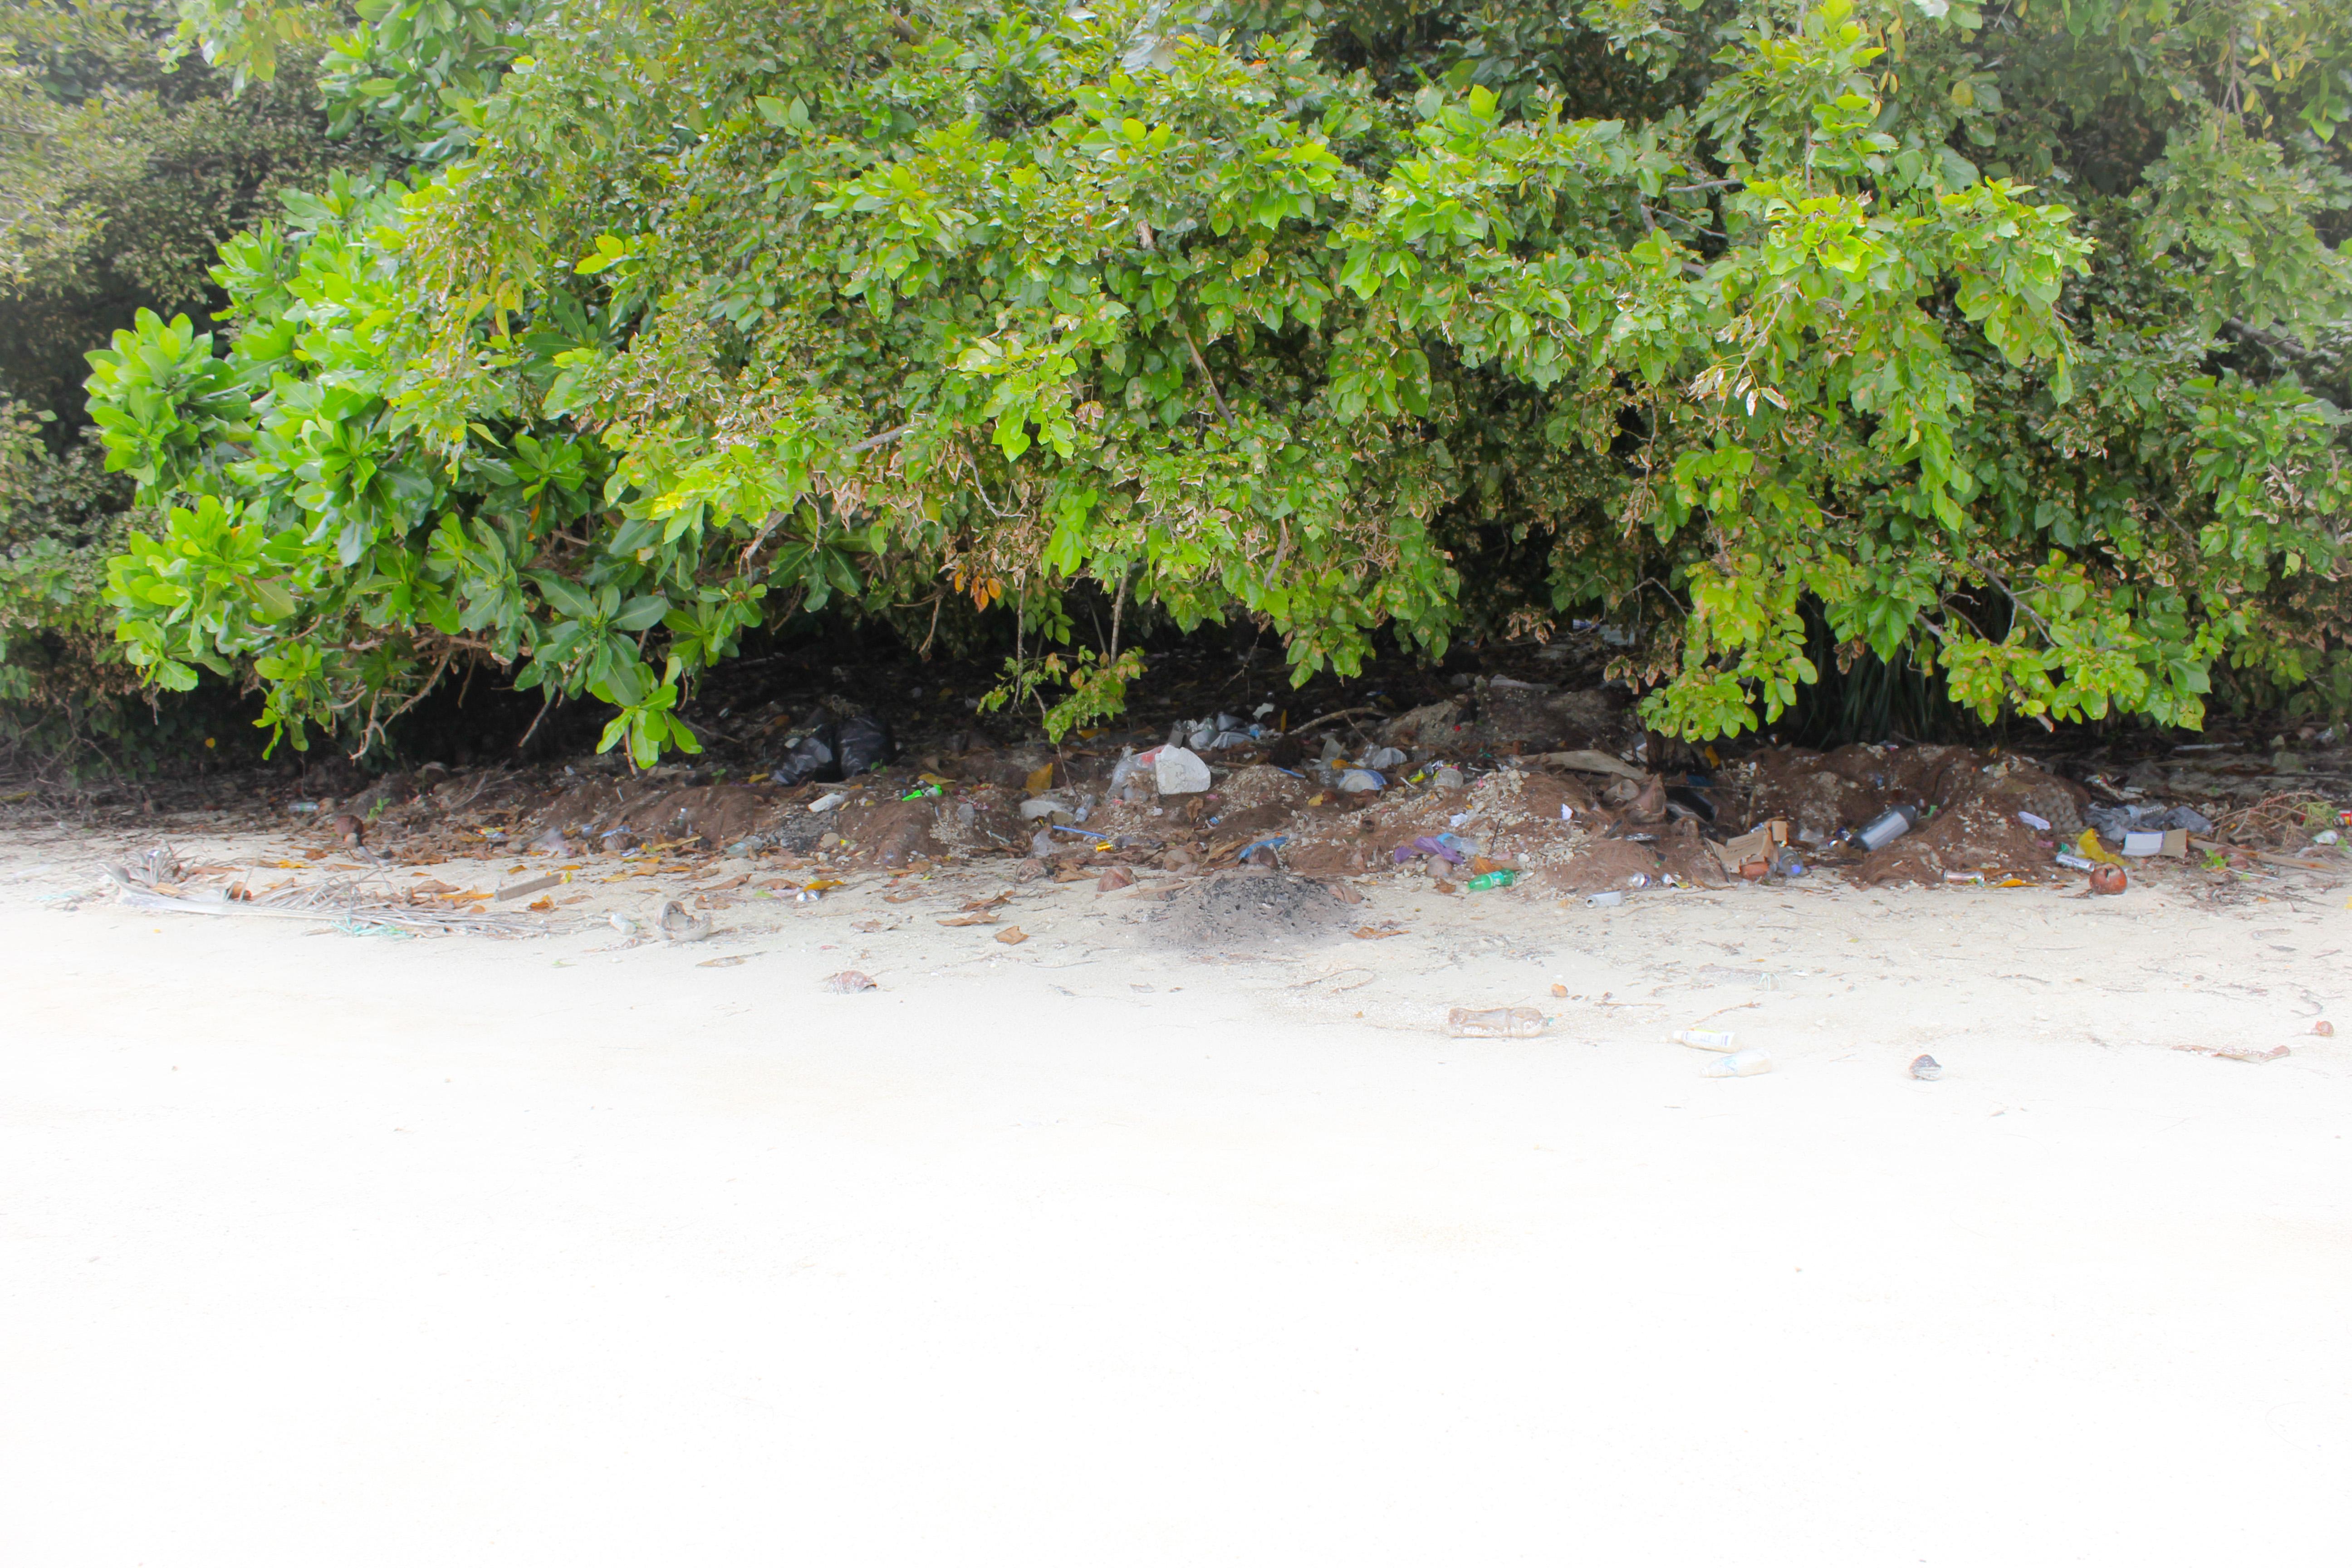 Image de déchets sur la plage de Florabay